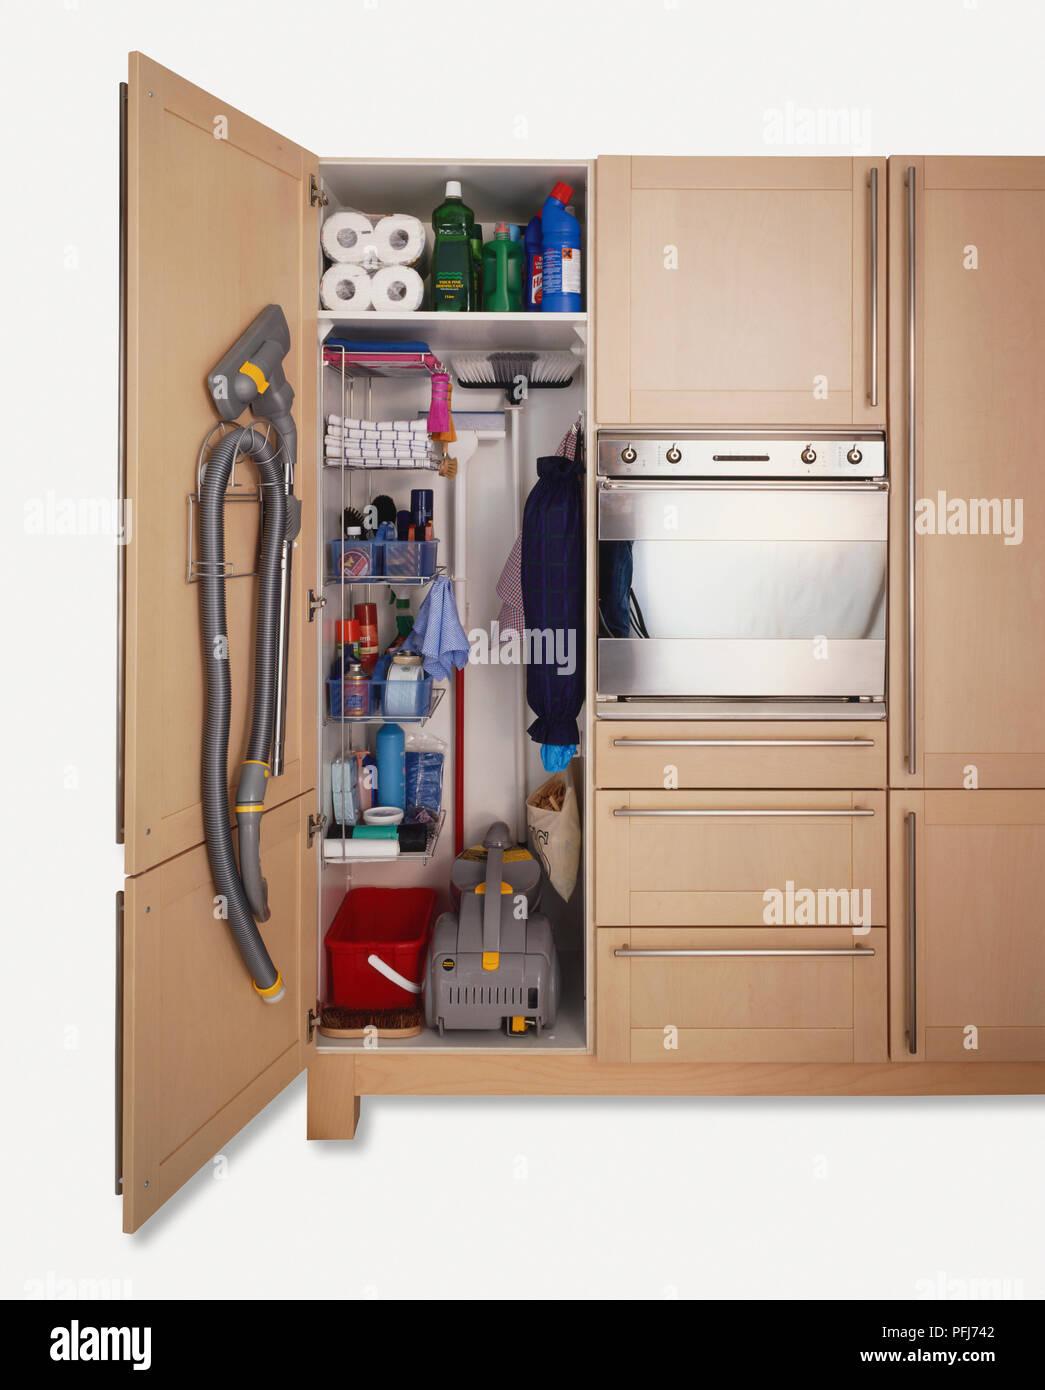 Reinigung Schrank In Der Küche Schrank, Mit Staubsauger, Besen,  Reinigungsmittel Und Küchenrollen, Vorderansicht.